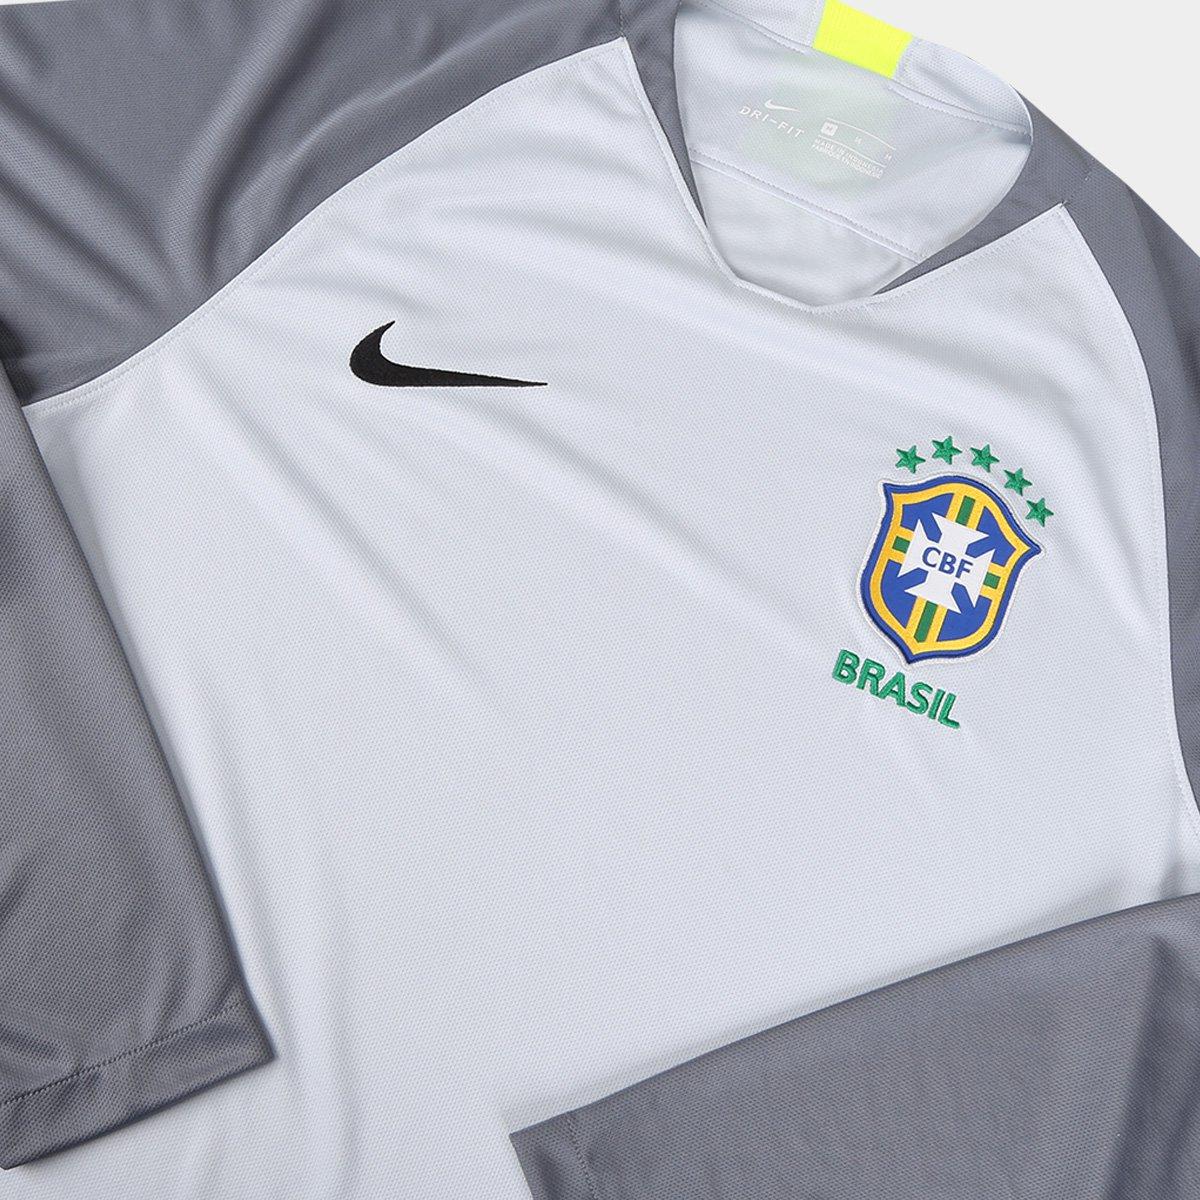 ... Camisa Seleção Brasil Goleiro 2018 nº 16 Cássio - Torcedor Nike  Masculina e69ffabe6a40c